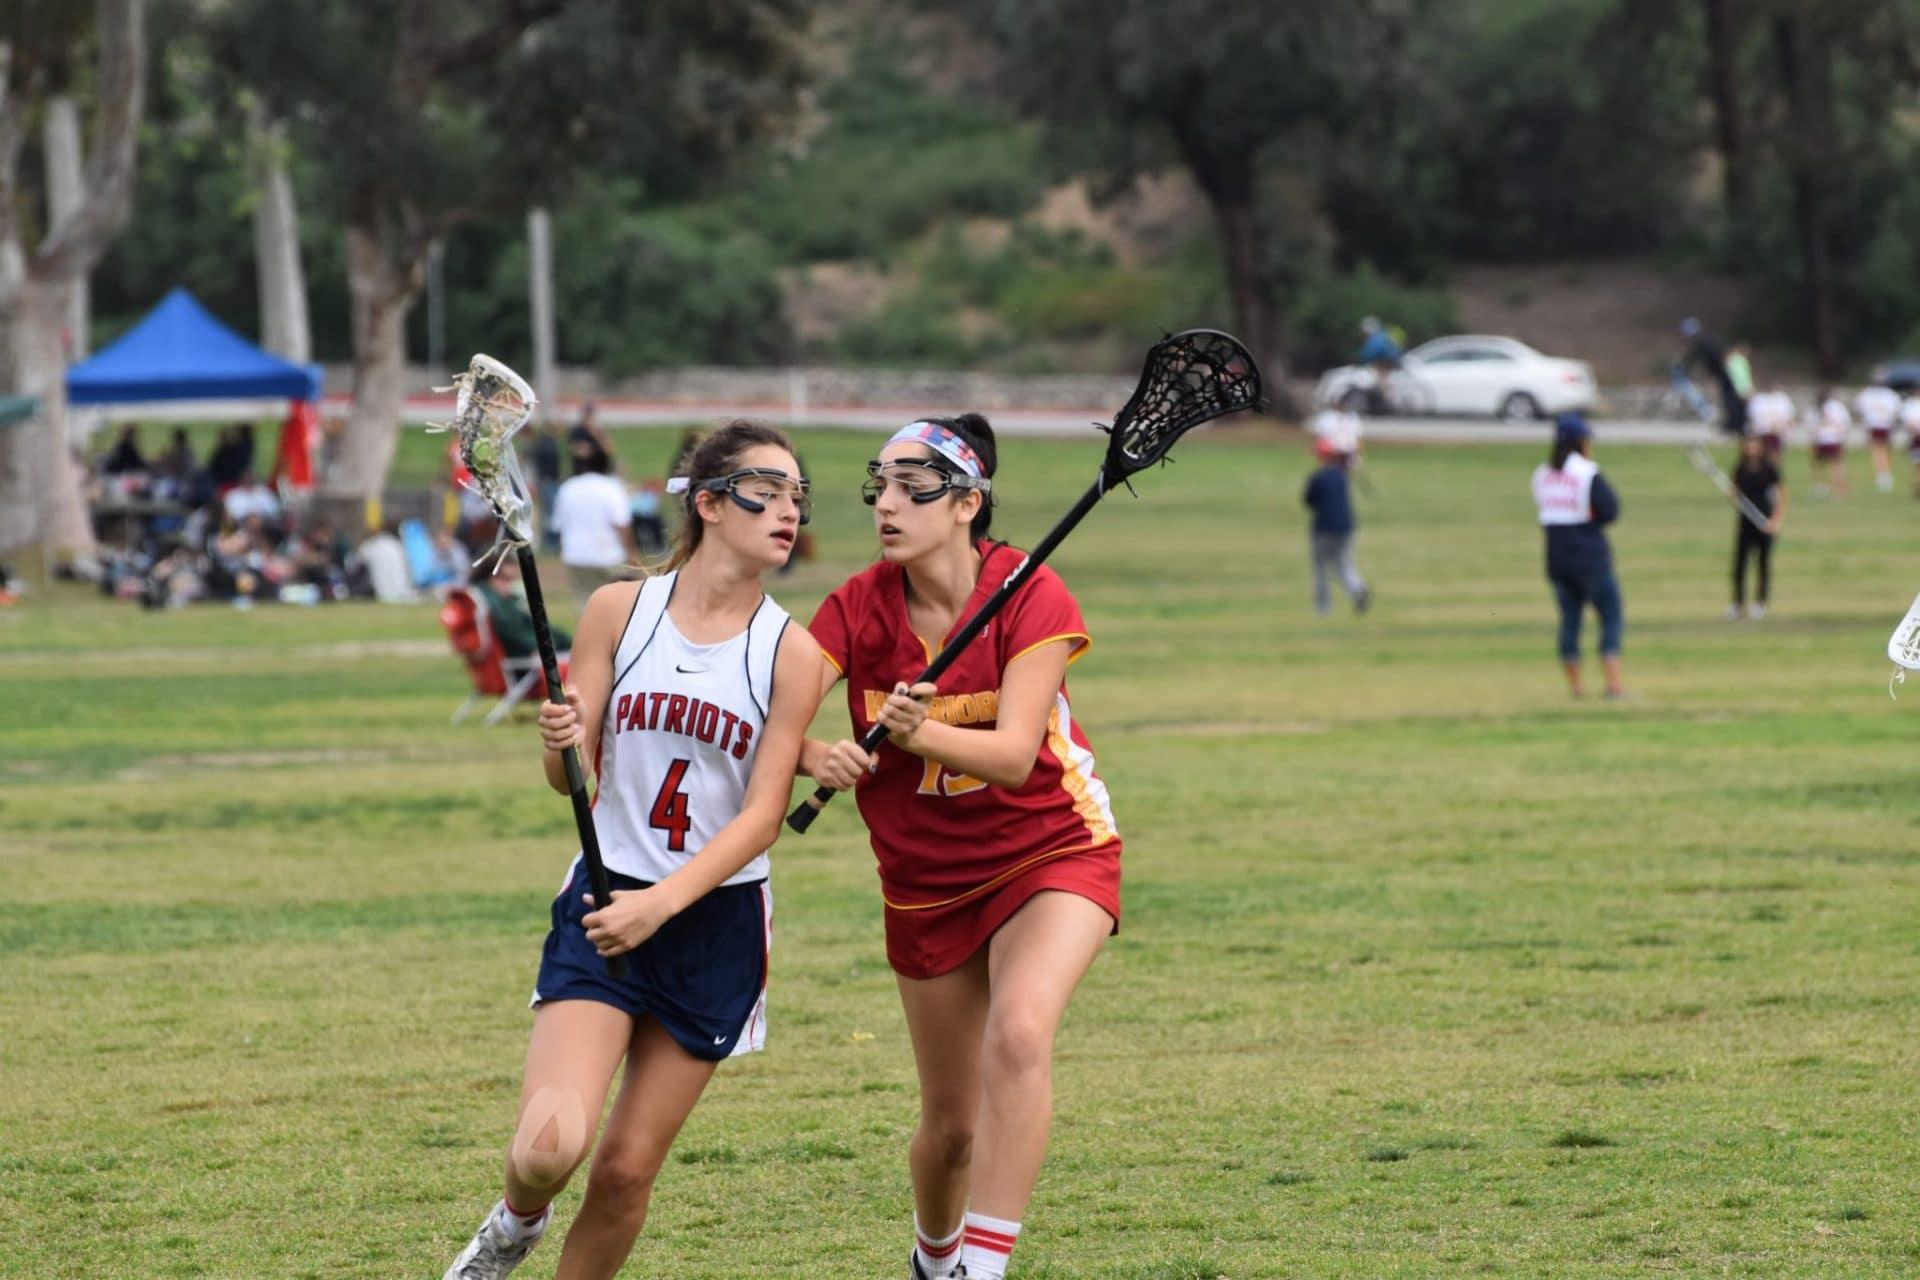 Woodbridge Girls Lacrosse plays Beckman girls lacrosse